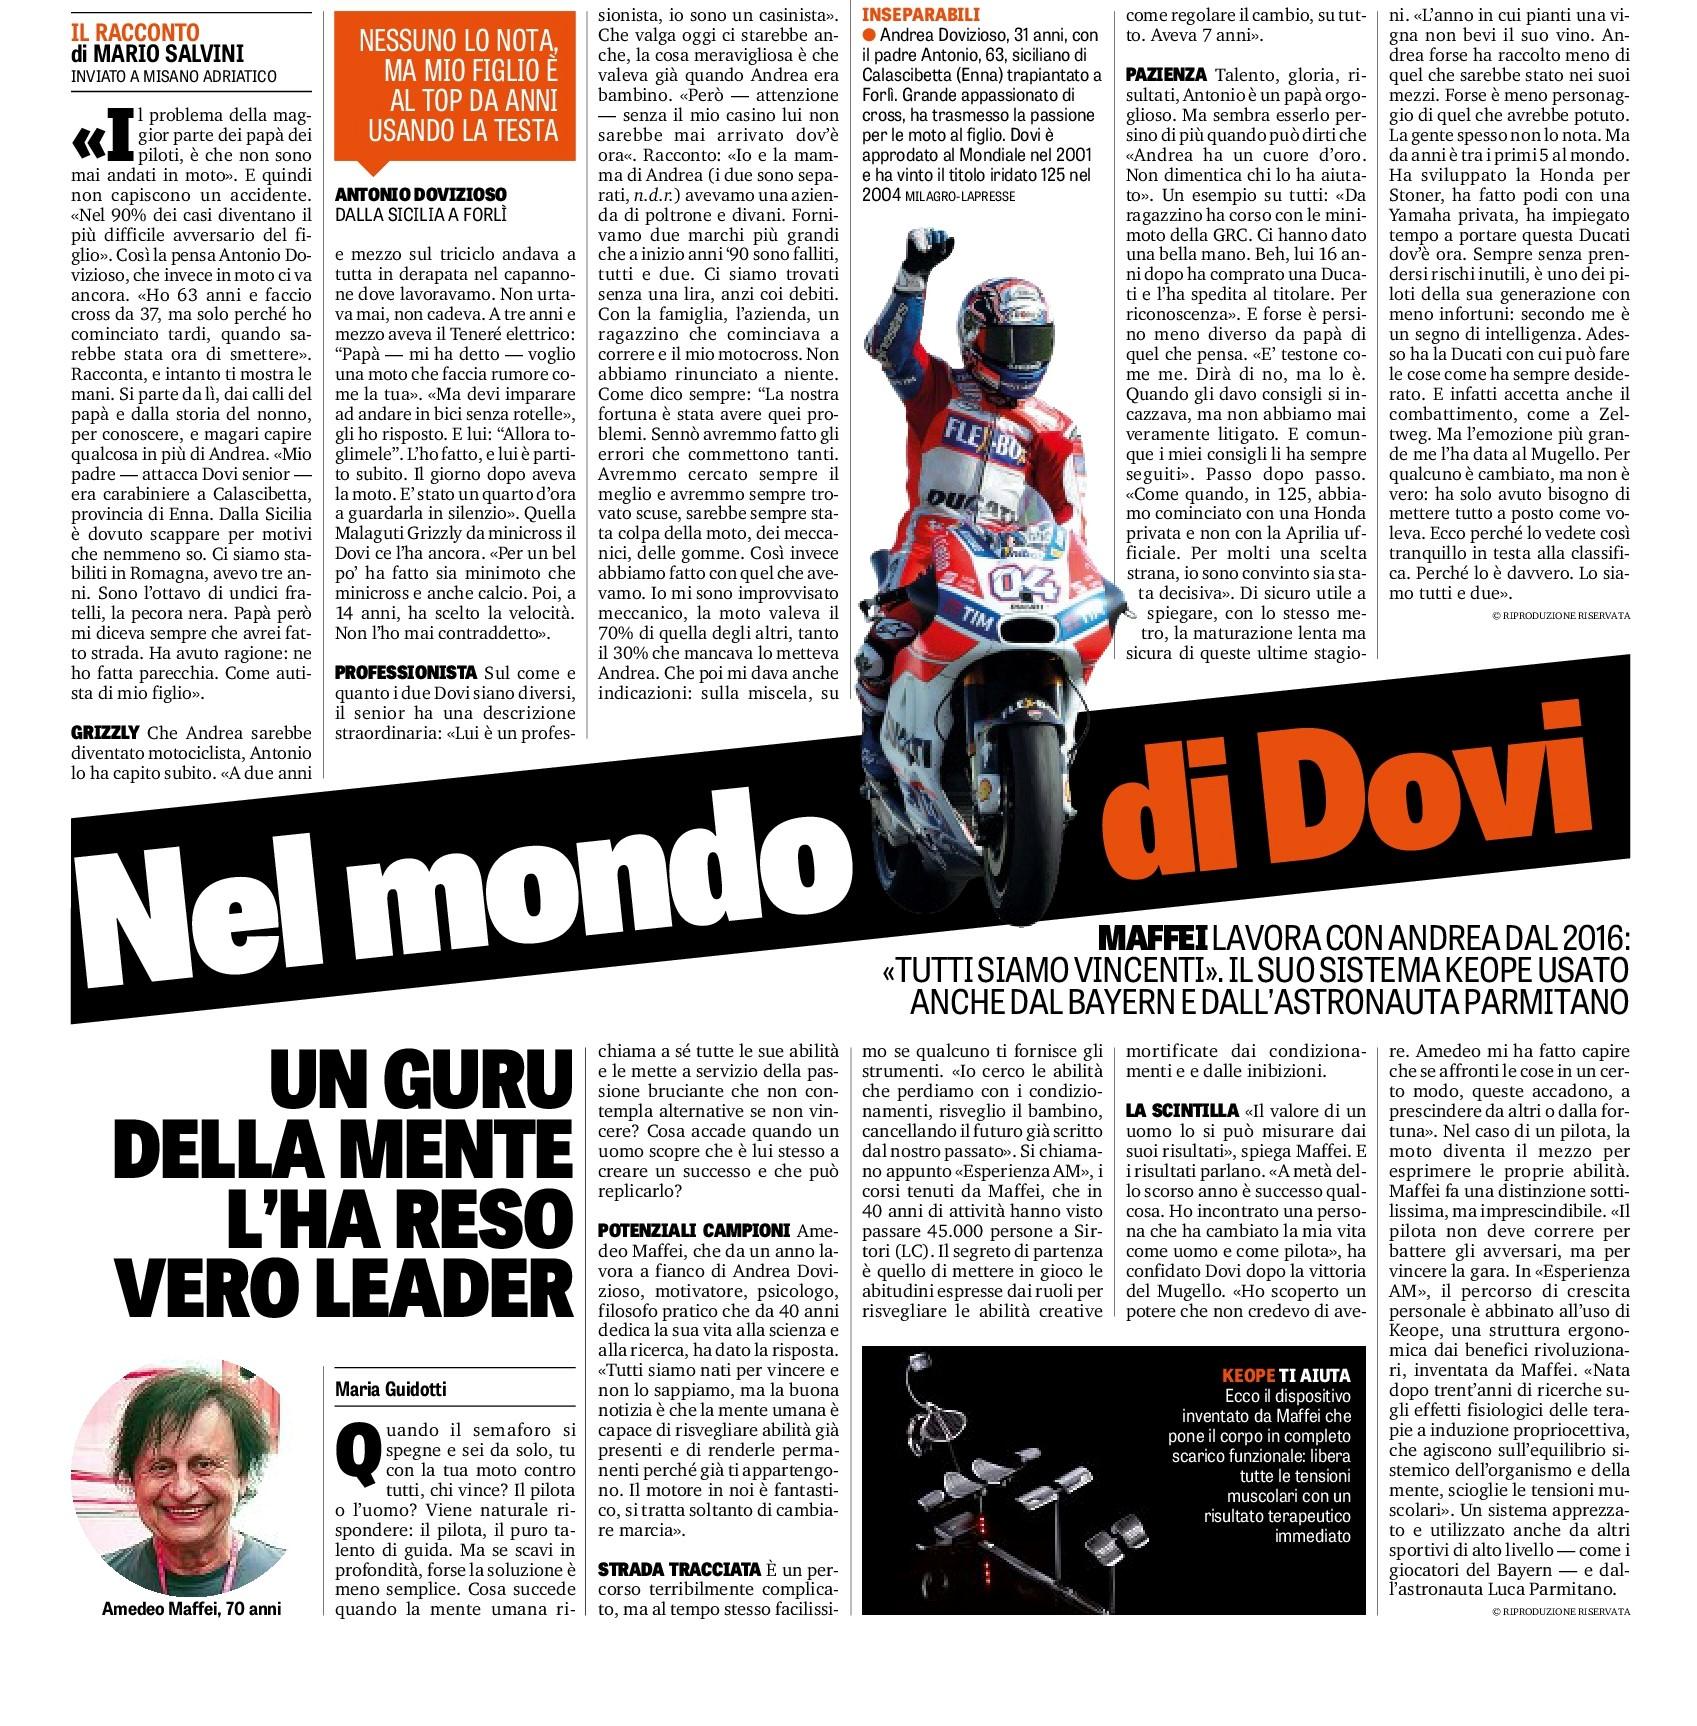 La Gazzetta dello Sport 09/09/2017: In Dovi's World